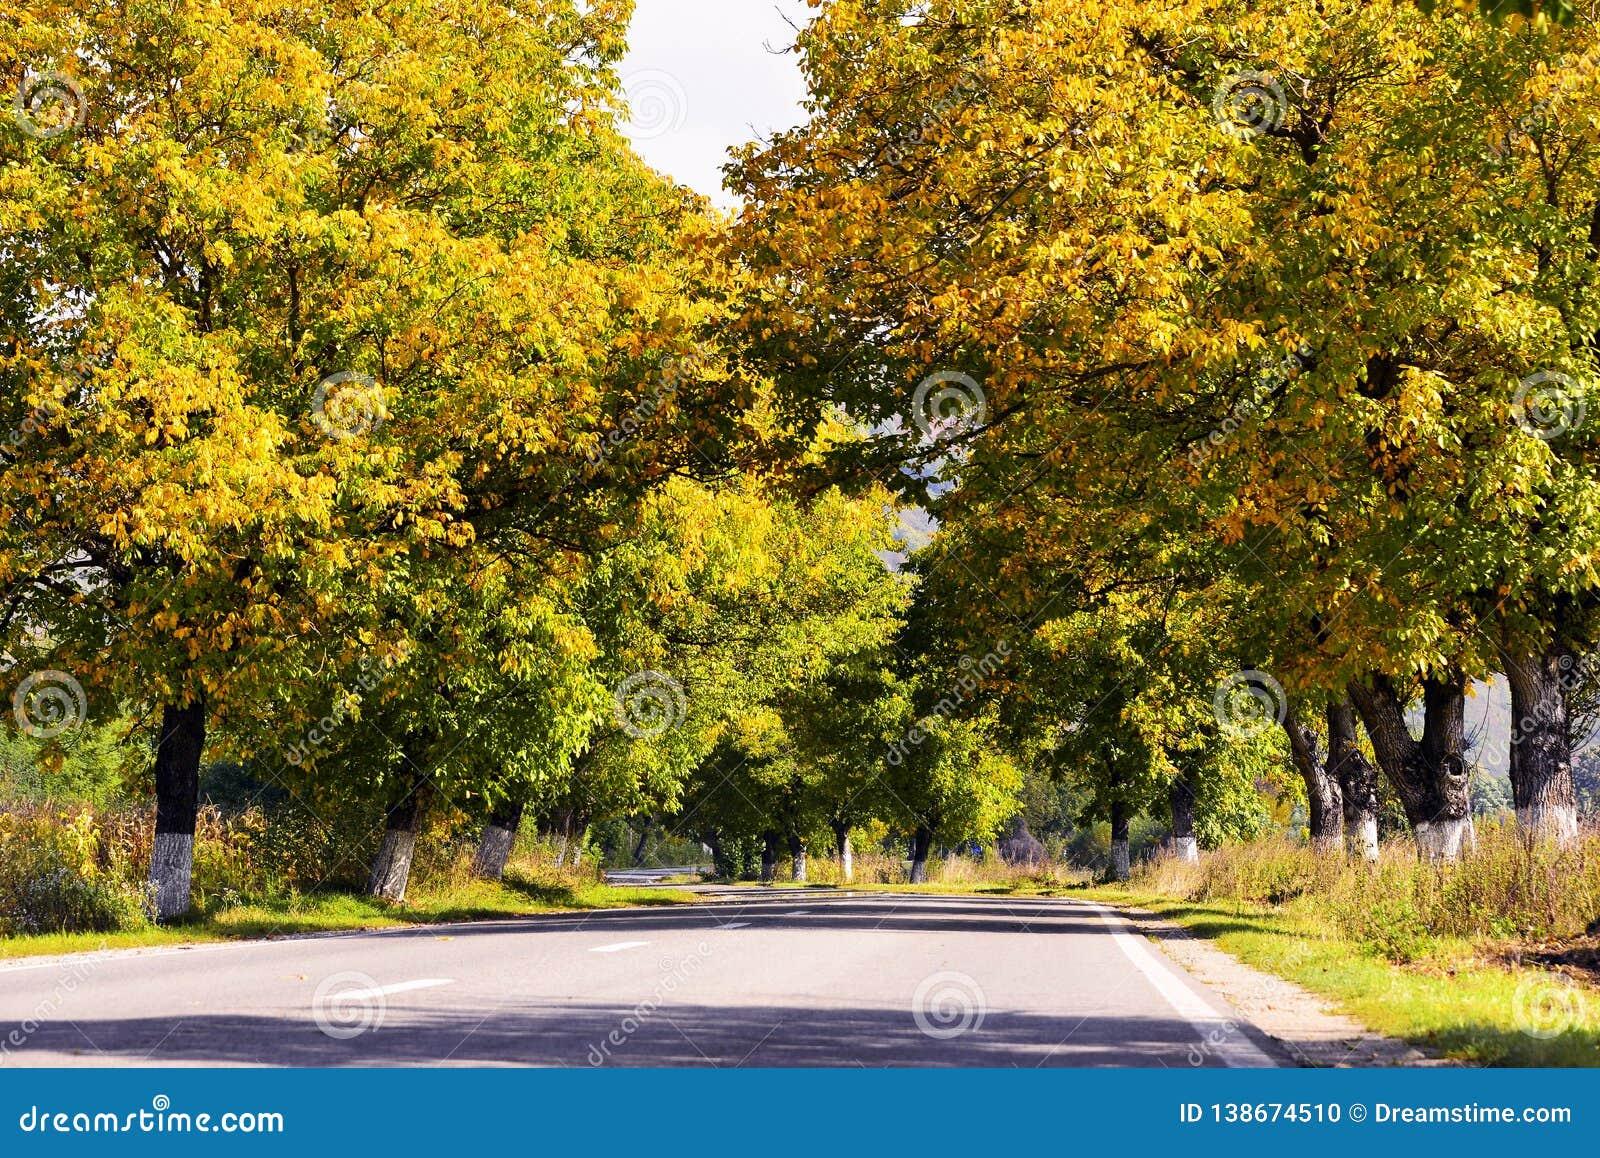 Красивый ландшафт осени с желтыми и коричневыми листьями